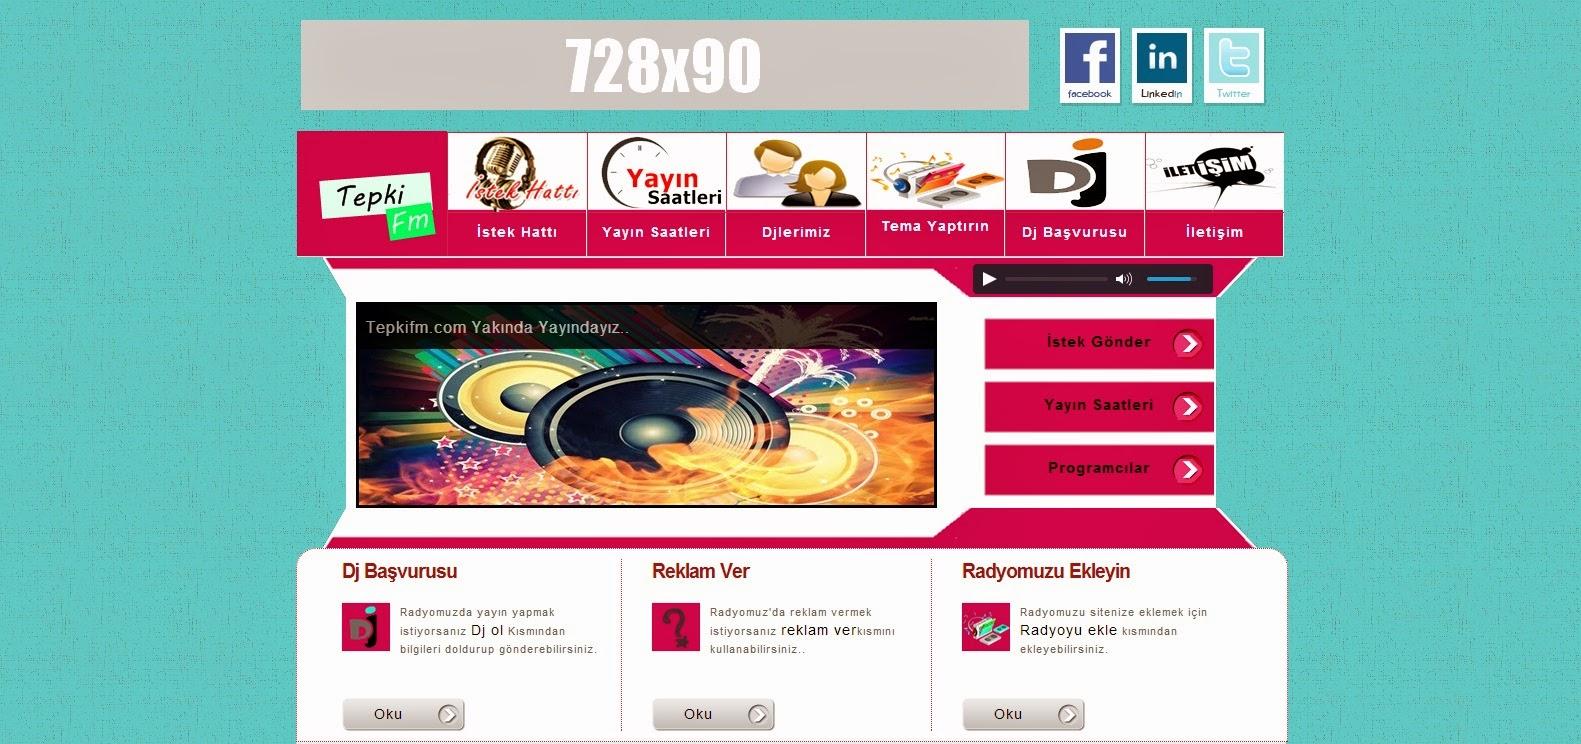 Blogger Radyo teması,blogger temaları,blogger teması,blogger